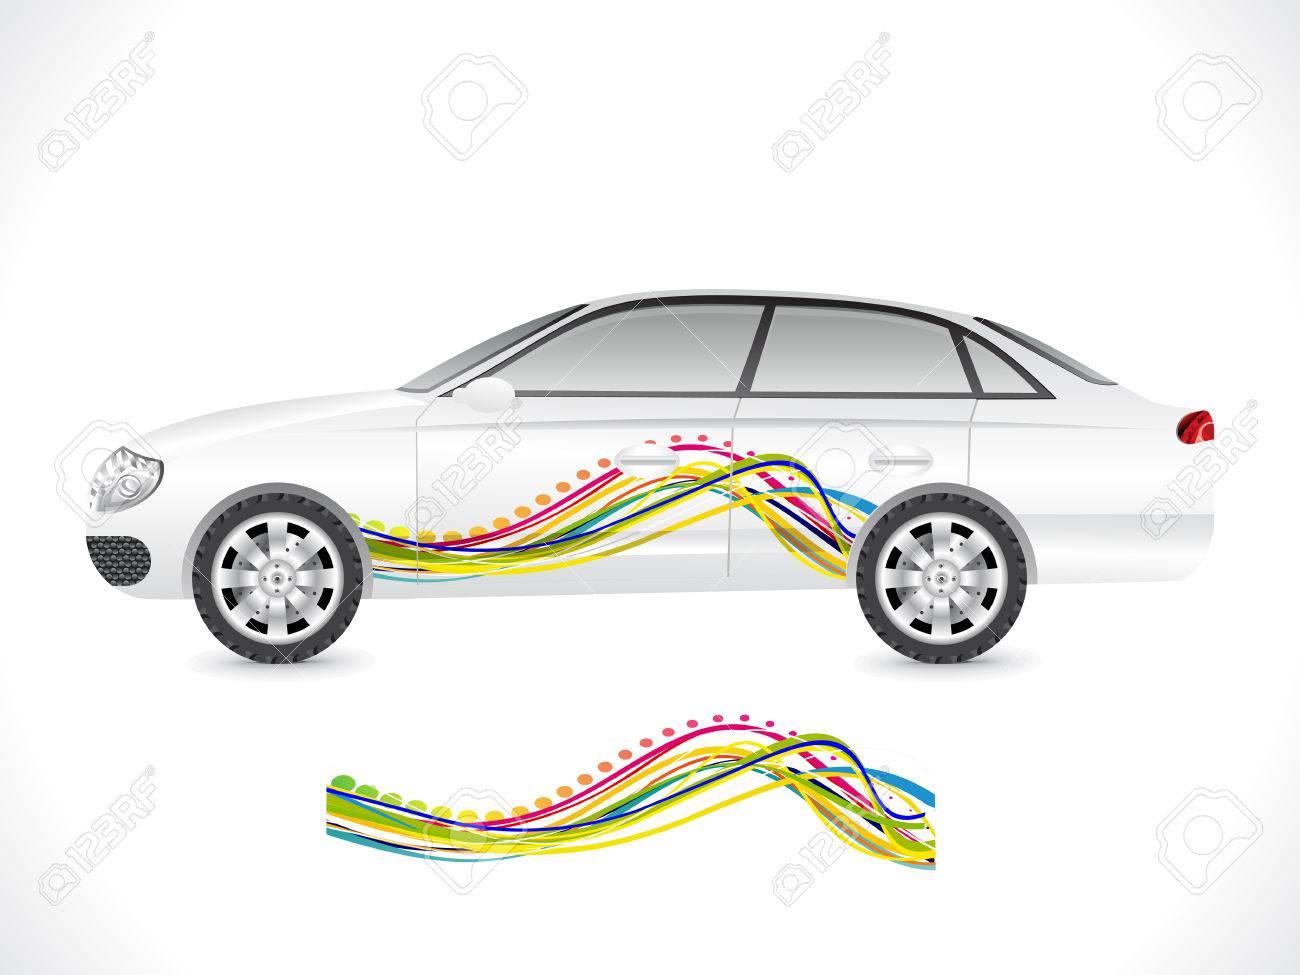 Sticker Sedan Abstract Sedan Car Sticker